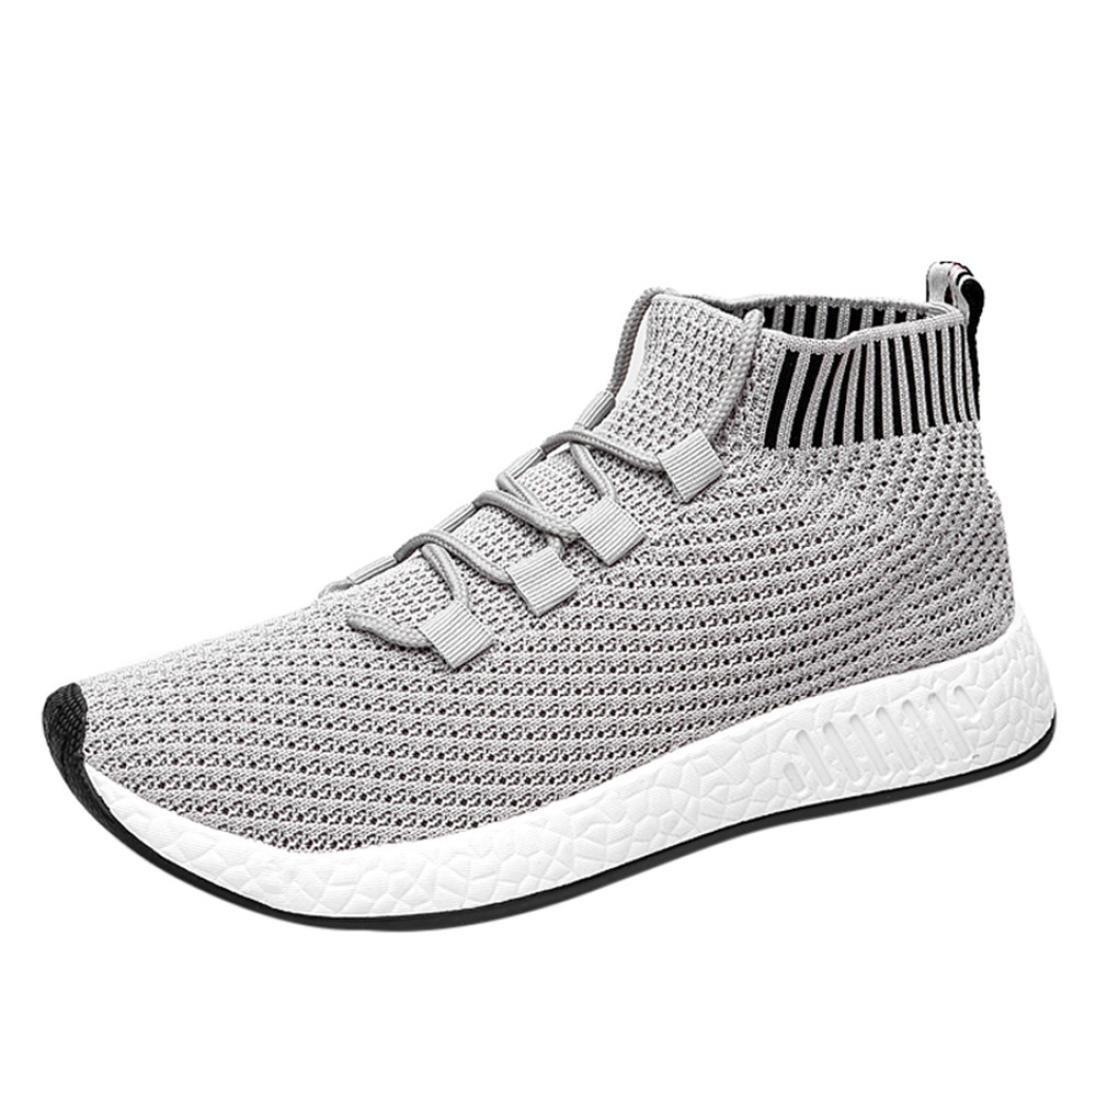 Zapatos hombre deportivos, Zapatos de running altos para hombres ...